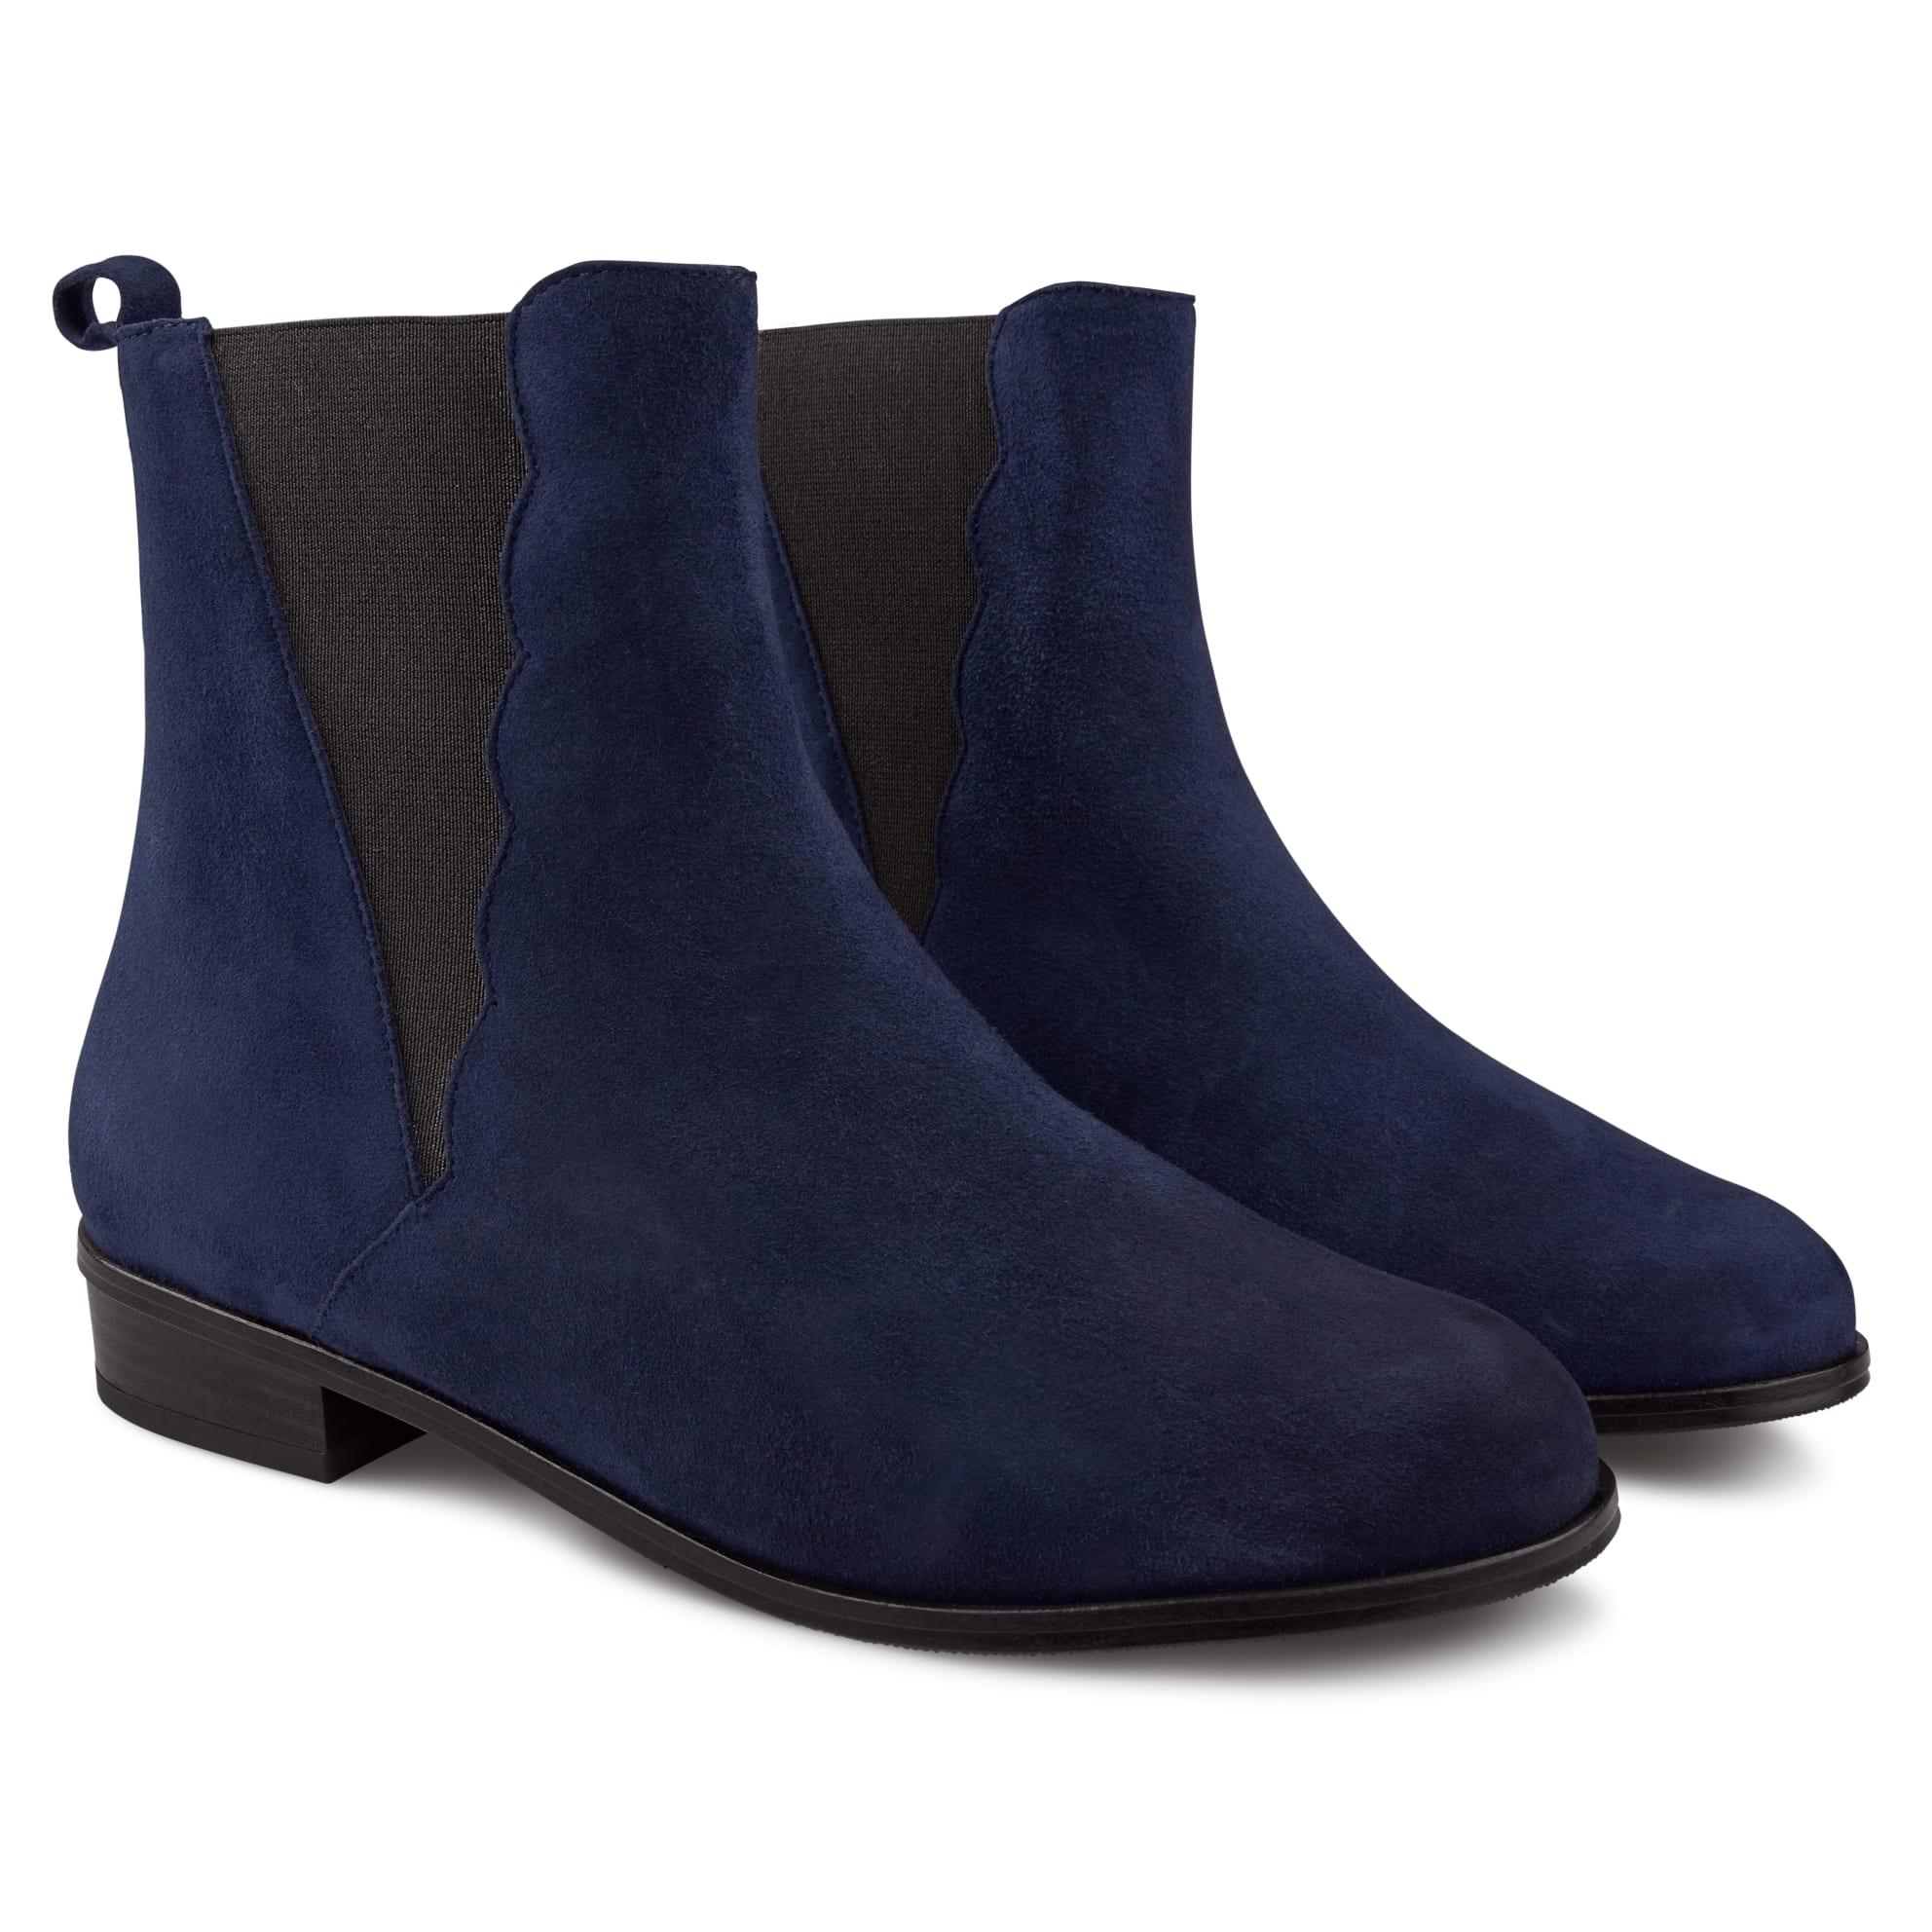 Chelsea-Stiefelette mit Welleneinsatz Marine – modischer und bequemer Schuh für Hallux valgus und empfindliche Füße von LaShoe.de